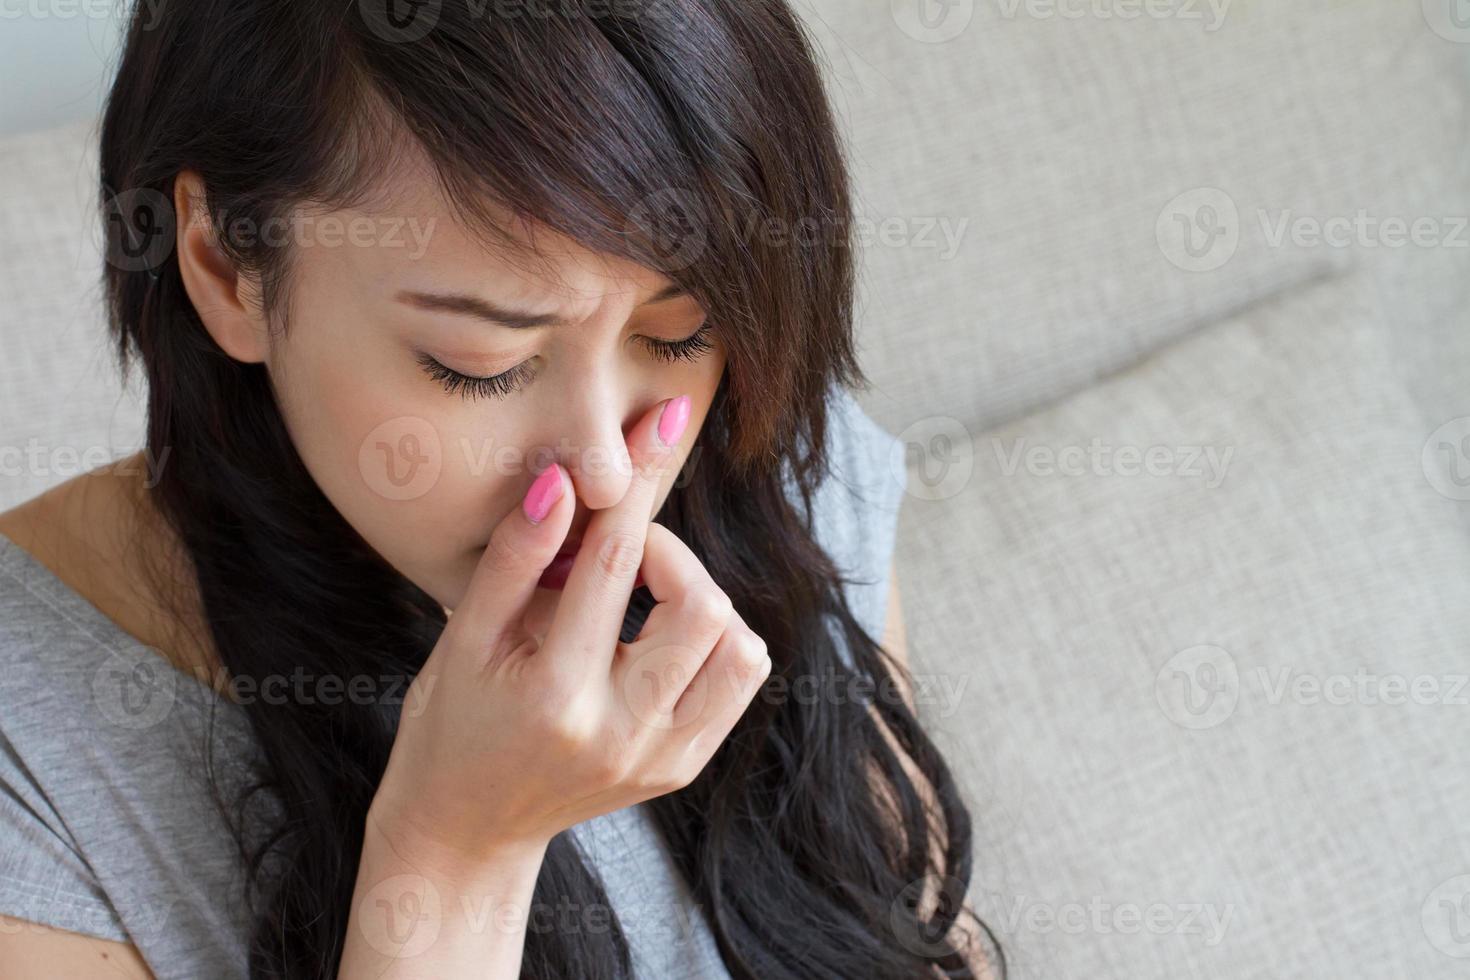 sjuk kvinna lider av influensa, förkylning, rinnande näsa, asiatisk kaukasisk foto